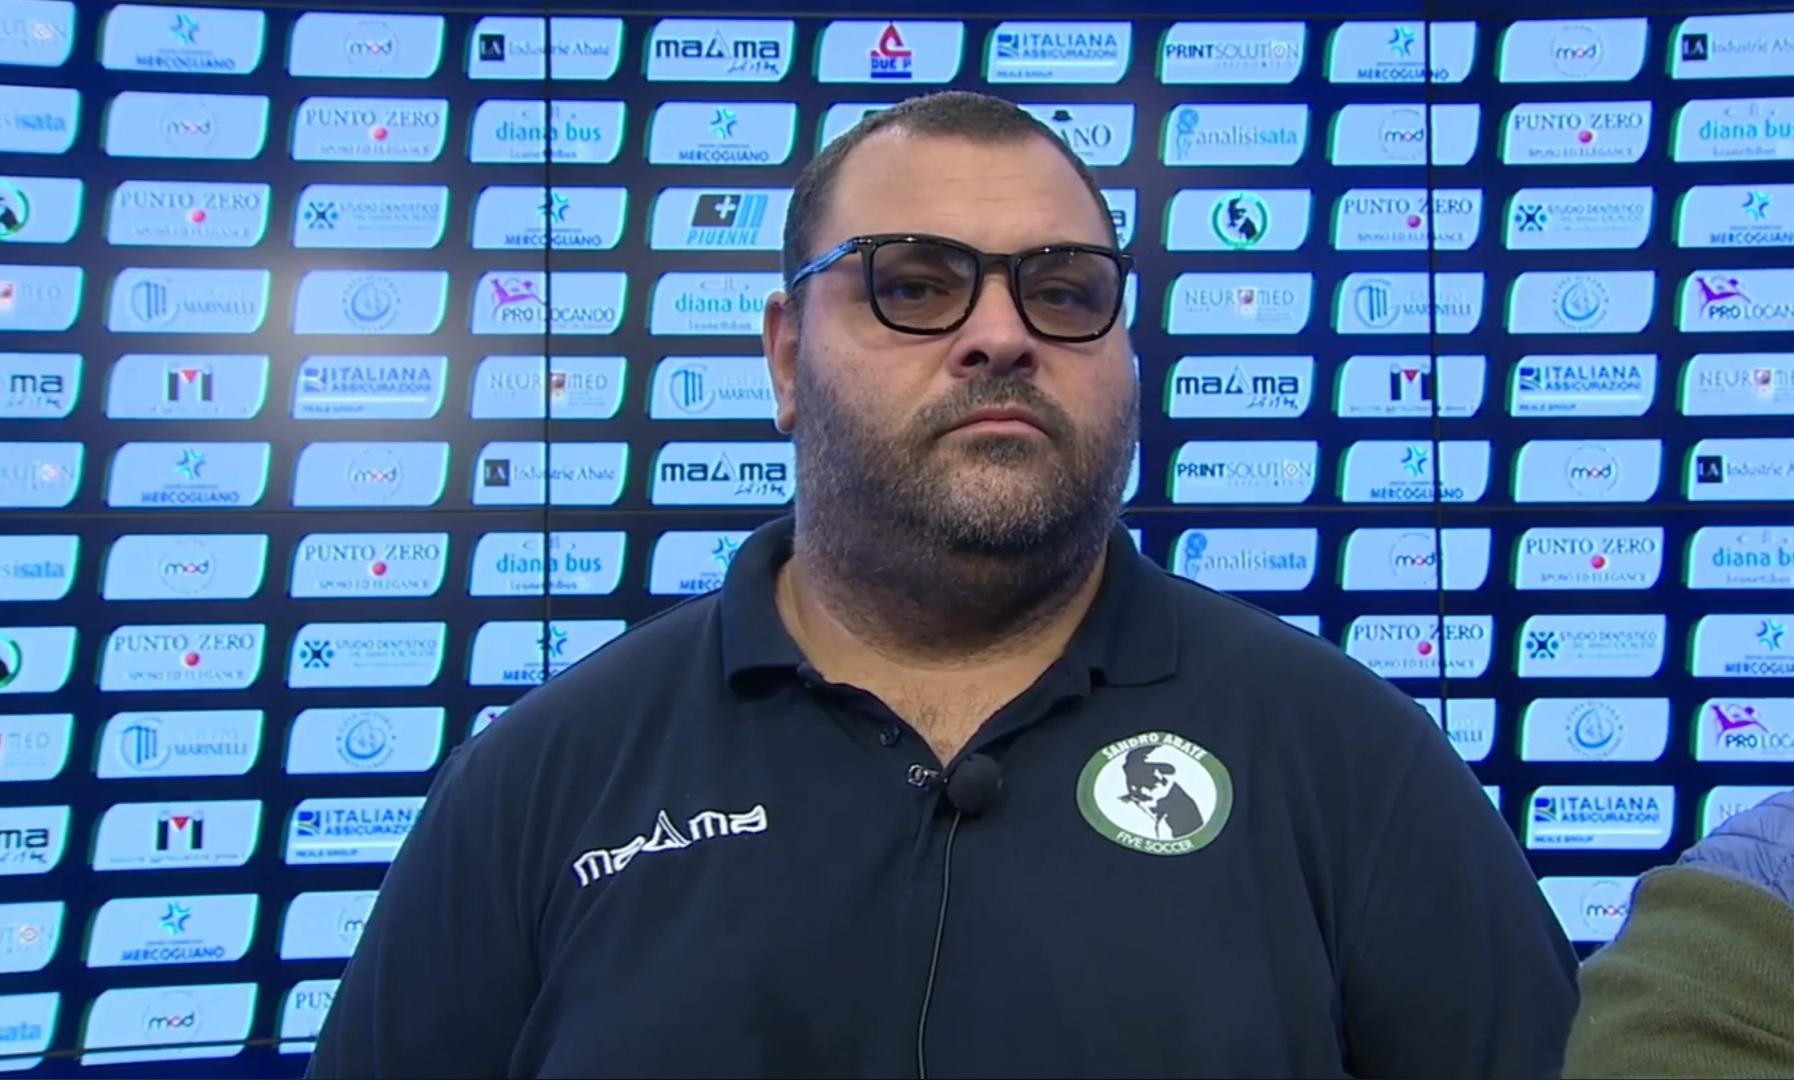 Gianfranco Angelini